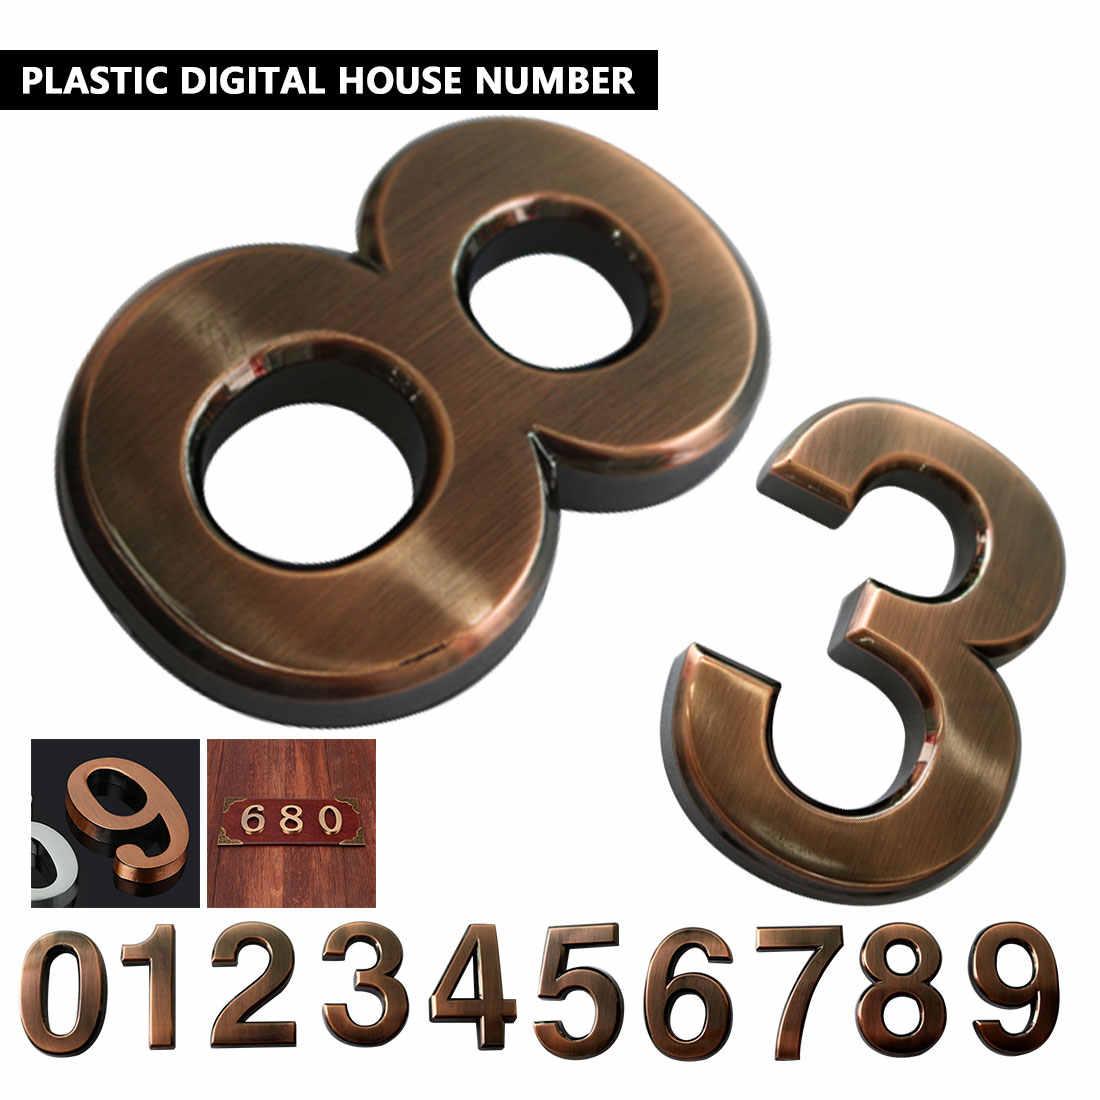 พลาสติก ABS Bronze Self-กาว 0-9 ประตูตัวเลขที่กำหนดเอง House ที่อยู่ป้าย